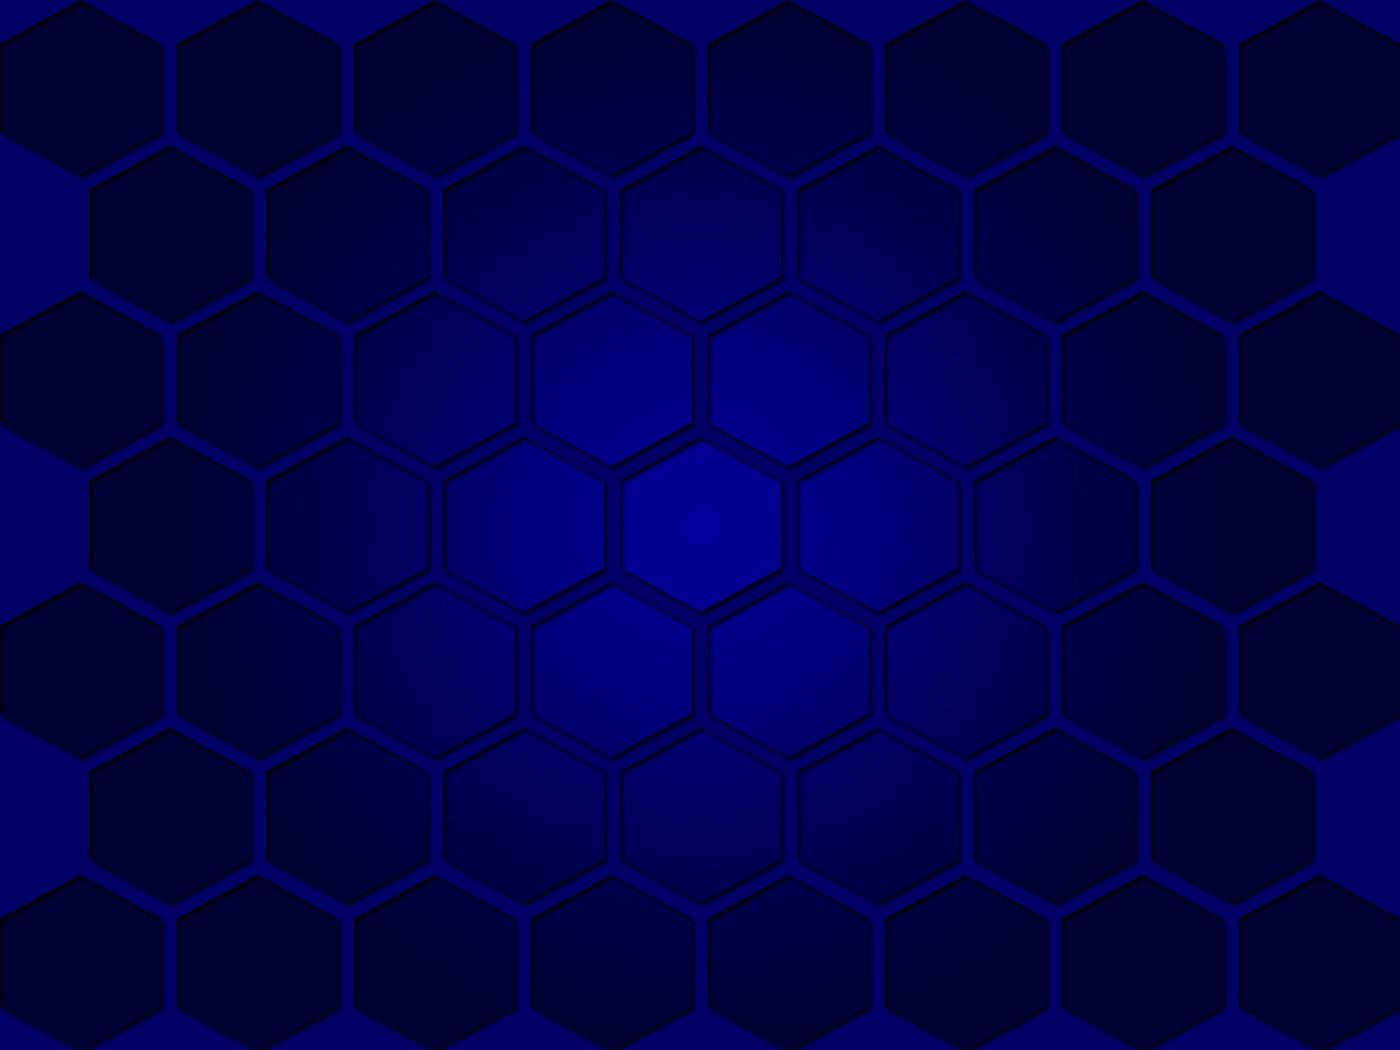 Fototapeten Selber Gestalten : Leinwandbilder Blau Hintergrund Selber Gestalten Diy Fahrrad Pictures